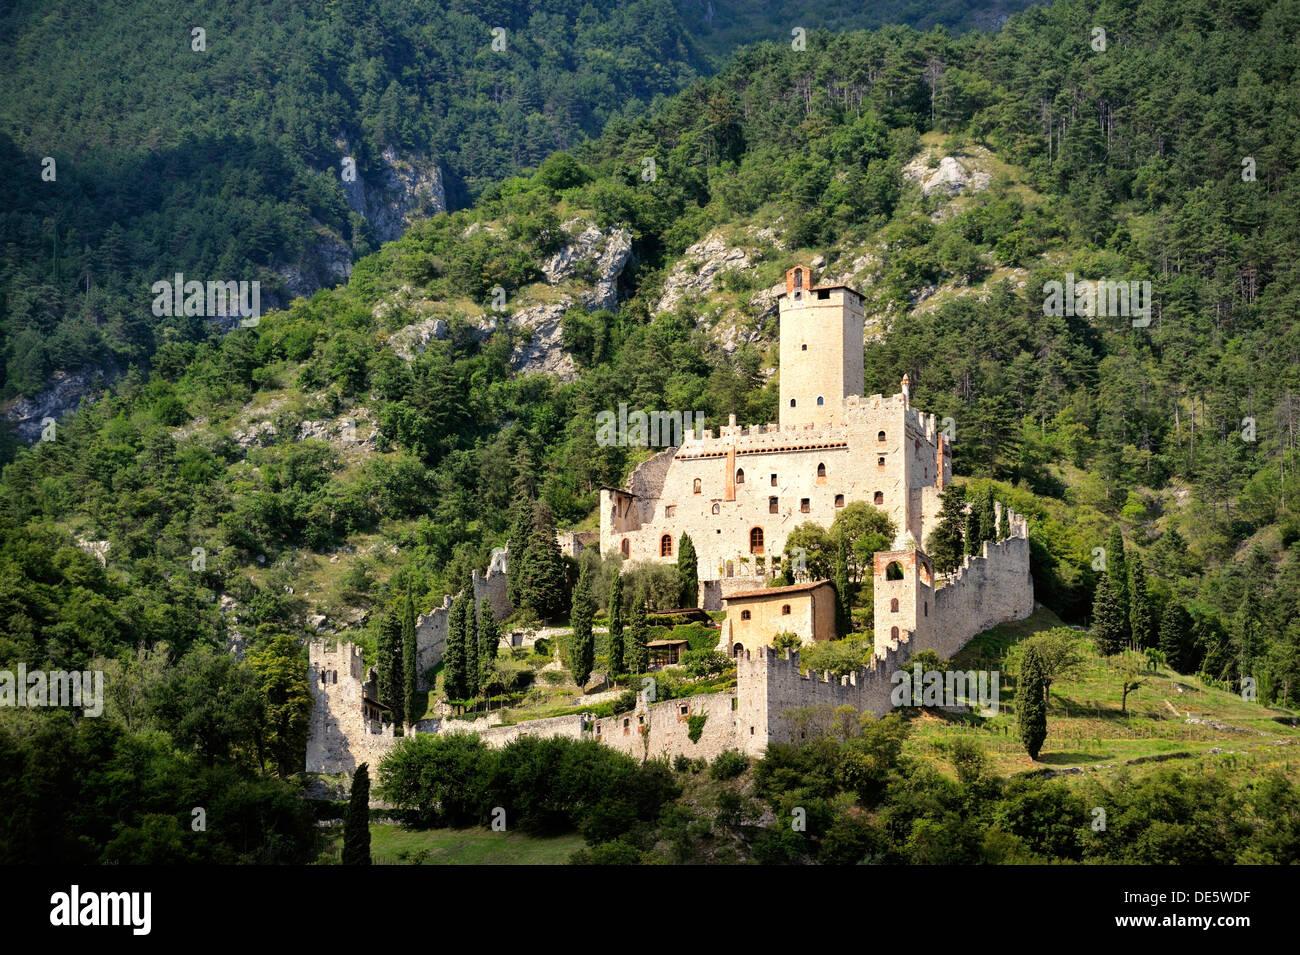 Castello di Sabbionara castillo medieval en Avio en el Sud Tirol, Trentino Alto Adigio, región de Italia Foto de stock